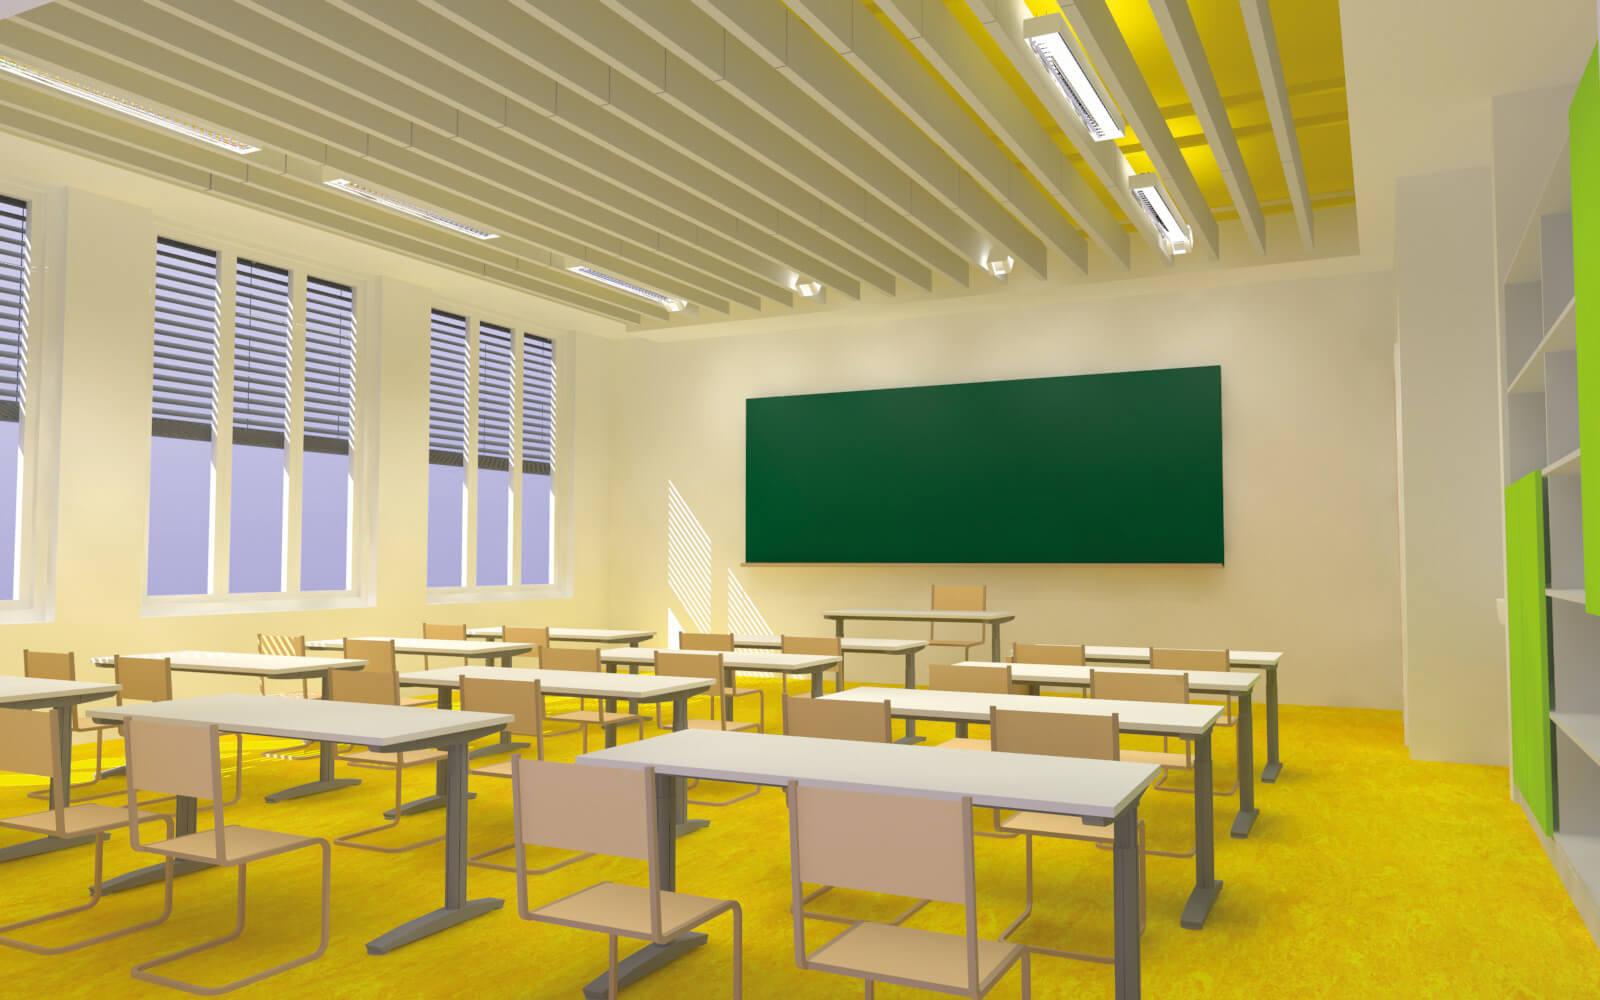 Visualisierung eines Klassenzimmers